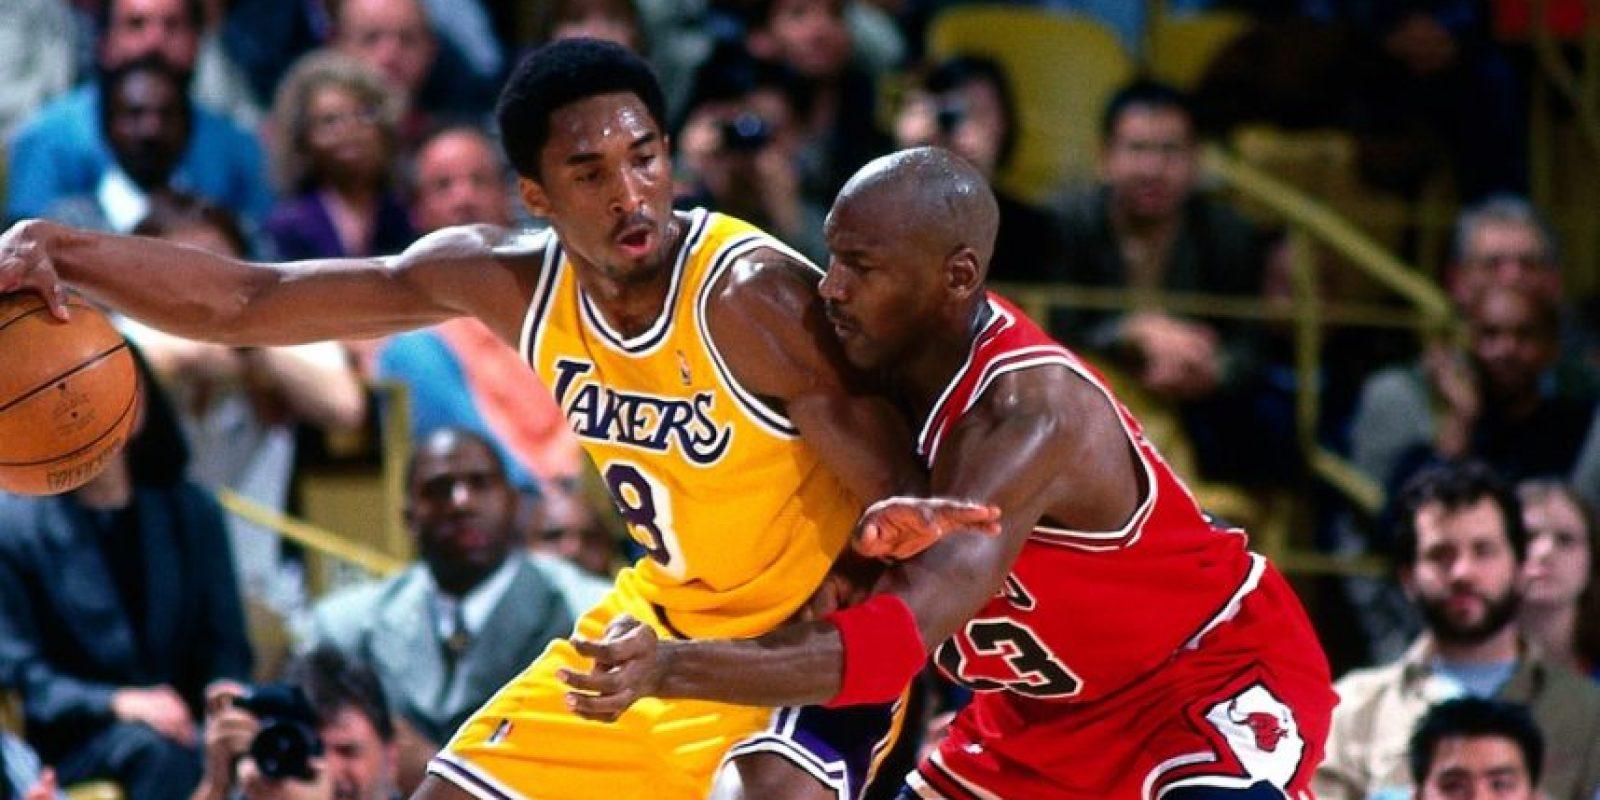 Superó a Jordan. Con sus 32 mil 683 puntos, Kobe es el tercer mejor anotador histórico en de liga detrás de Kareem Abdul-Jabbar y Karl Malone. La importancia de esta cifra es que para poder llegar hasta esa posición Bryant desplazó a Michael Jordan (32 mil 292 puntos en su carrera), quien siempre fue la figura que se propuso superar desde su llegada a la NBA. Foto:Fuente Externa